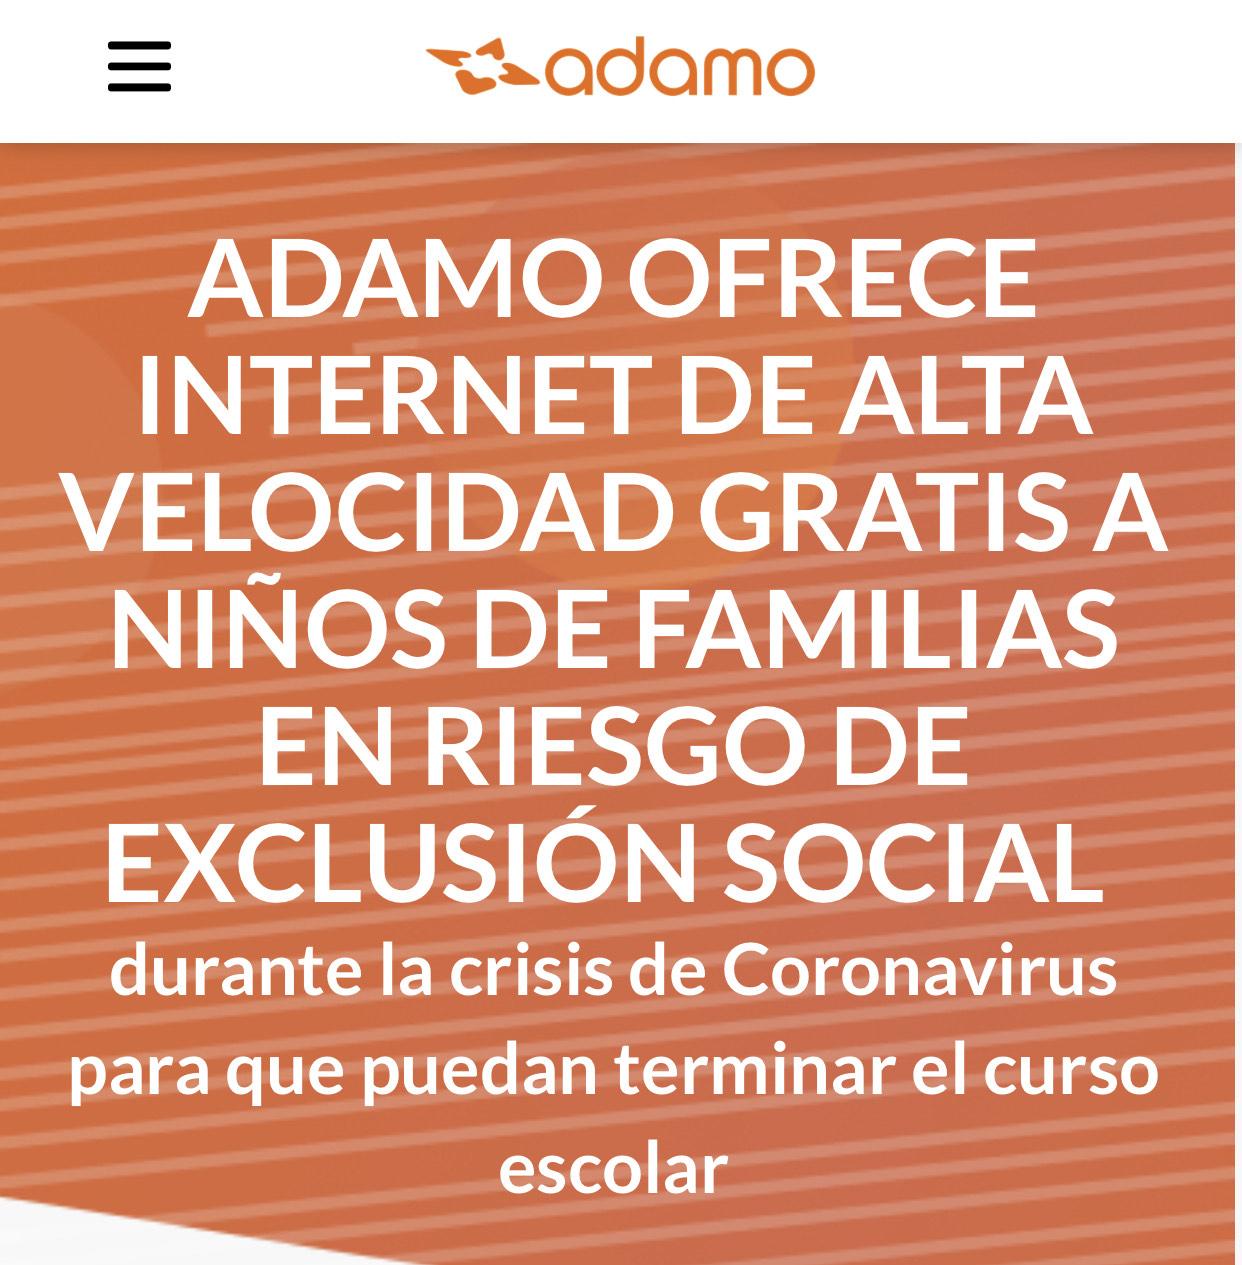 Ádamo ofrece fibra gratis a familias en riesgo de exclusión social.